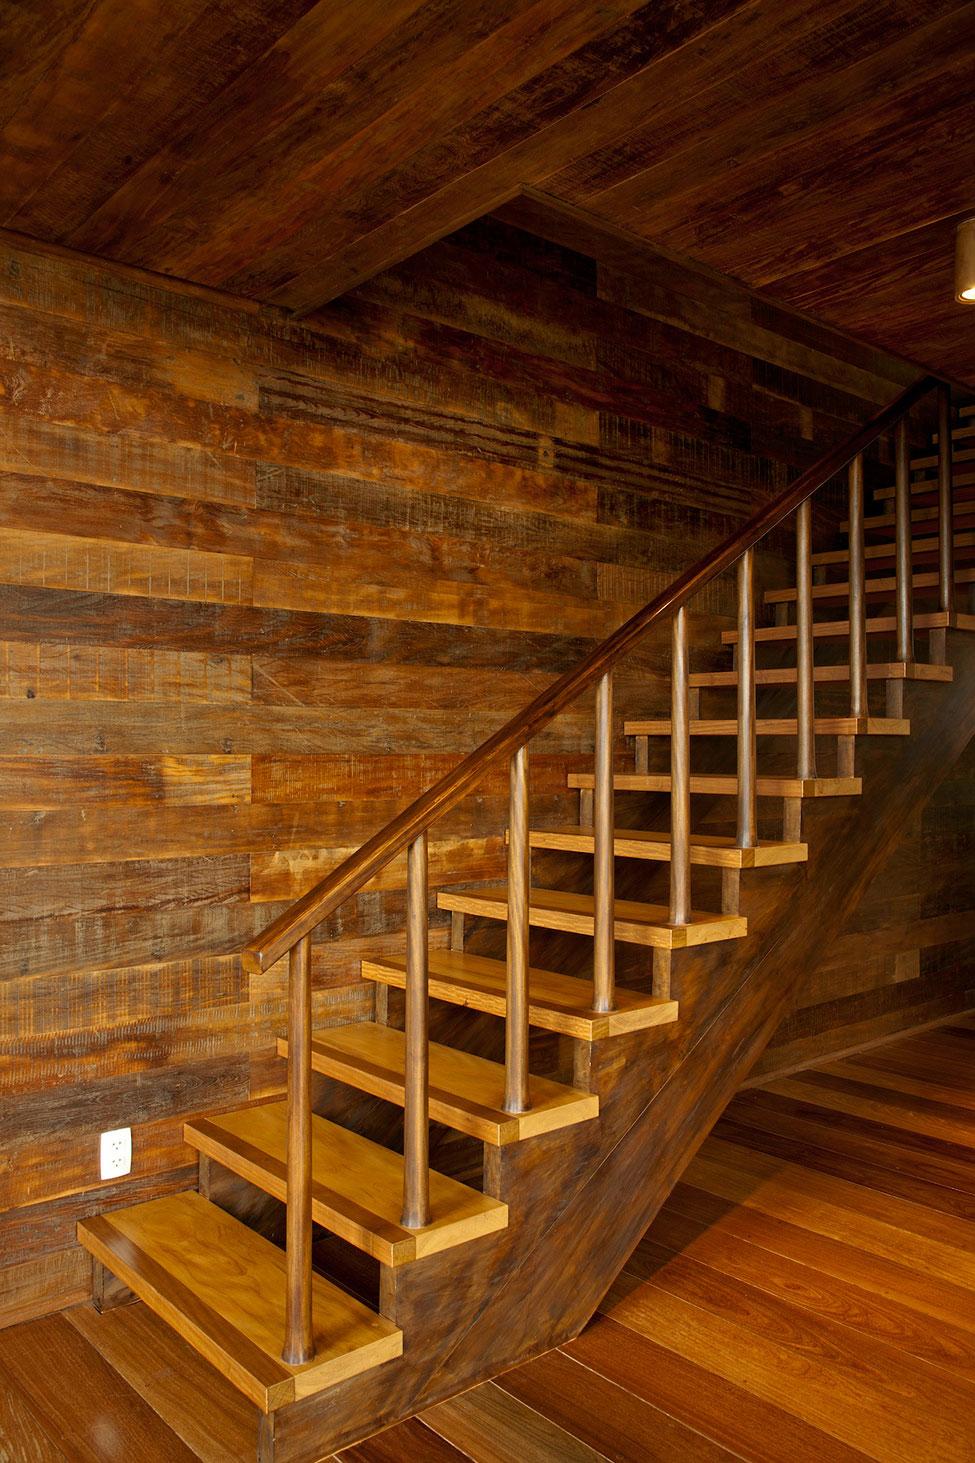 чем отделать деревянную лестницу в доме фото можете купить книгу